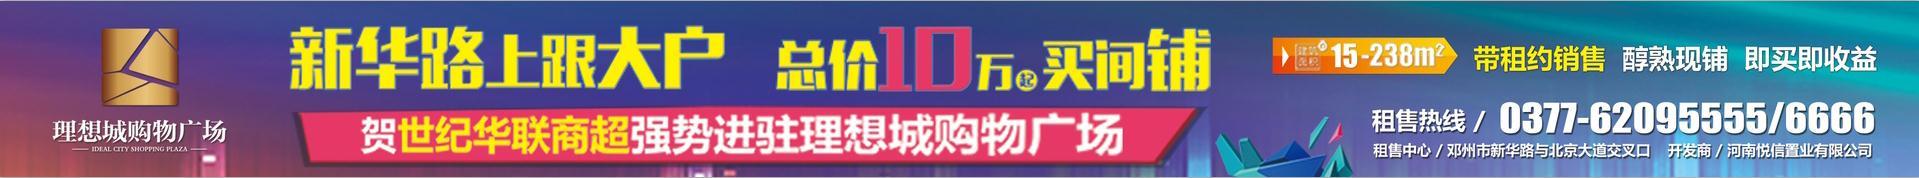 邓州市理想城购物广场,新华东路与北京大道交叉口,稀缺现铺,对外出售